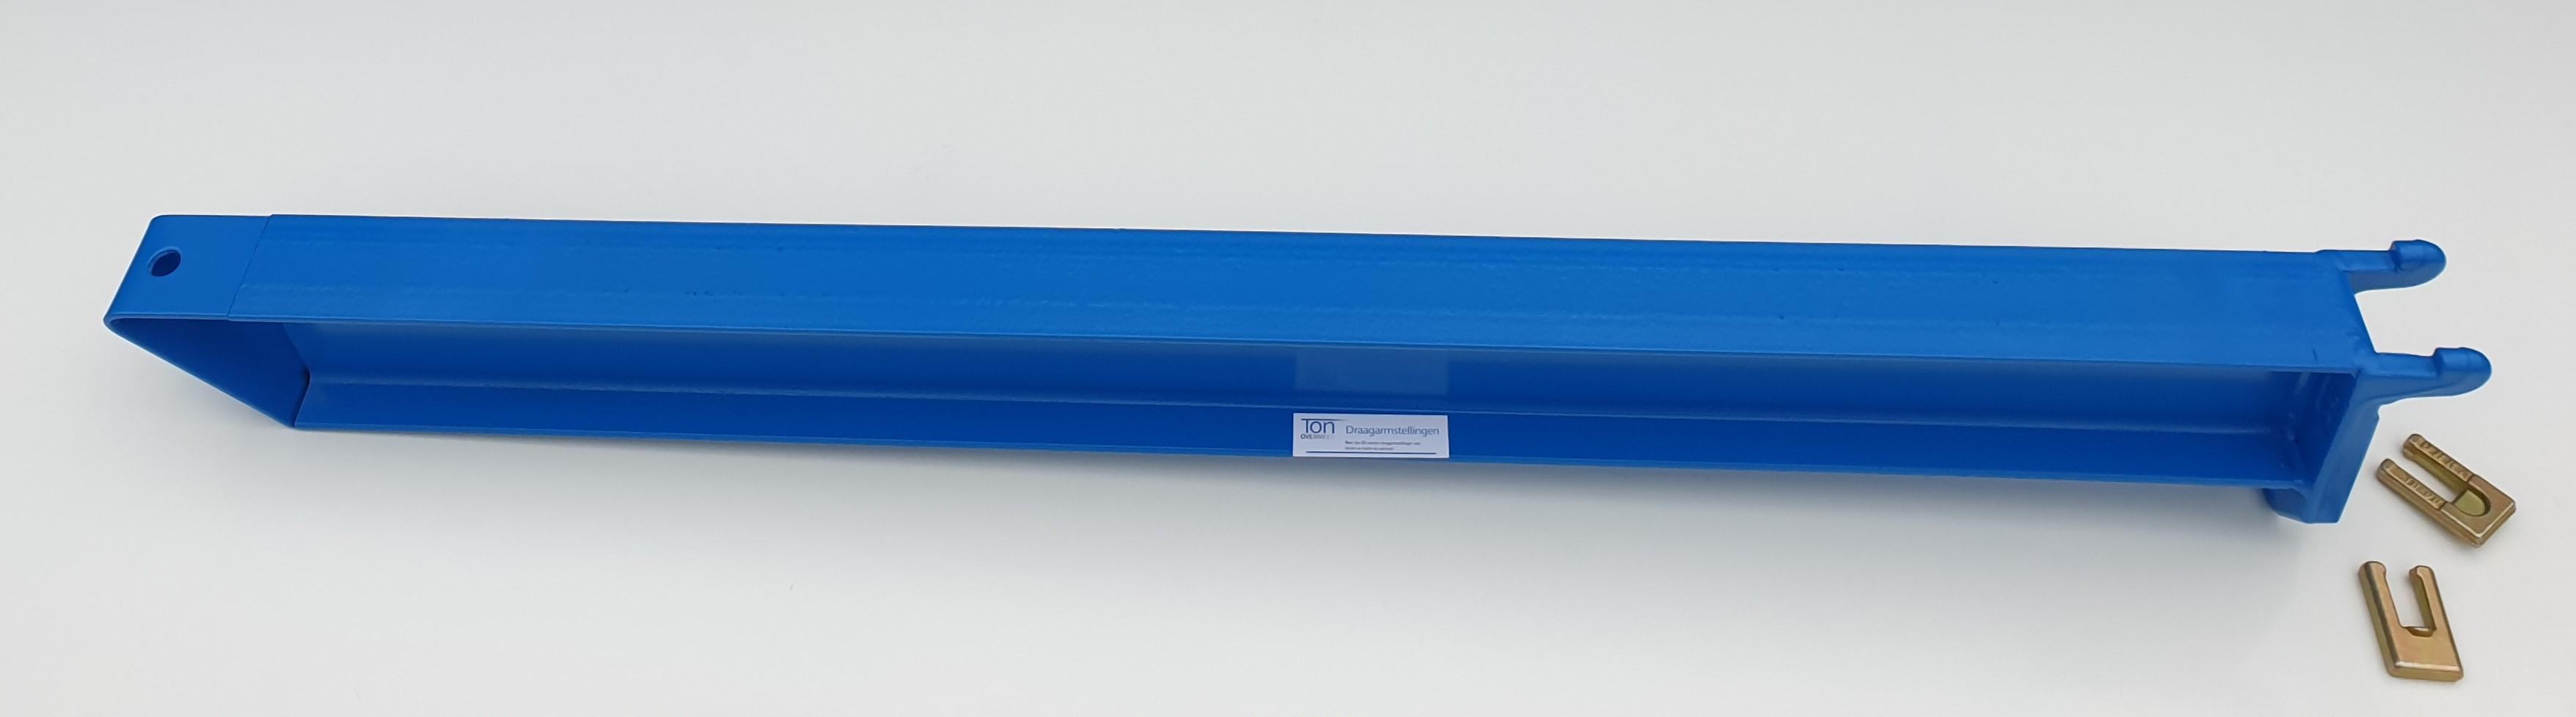 extra draagarmen 1.200 mm (V523A120)